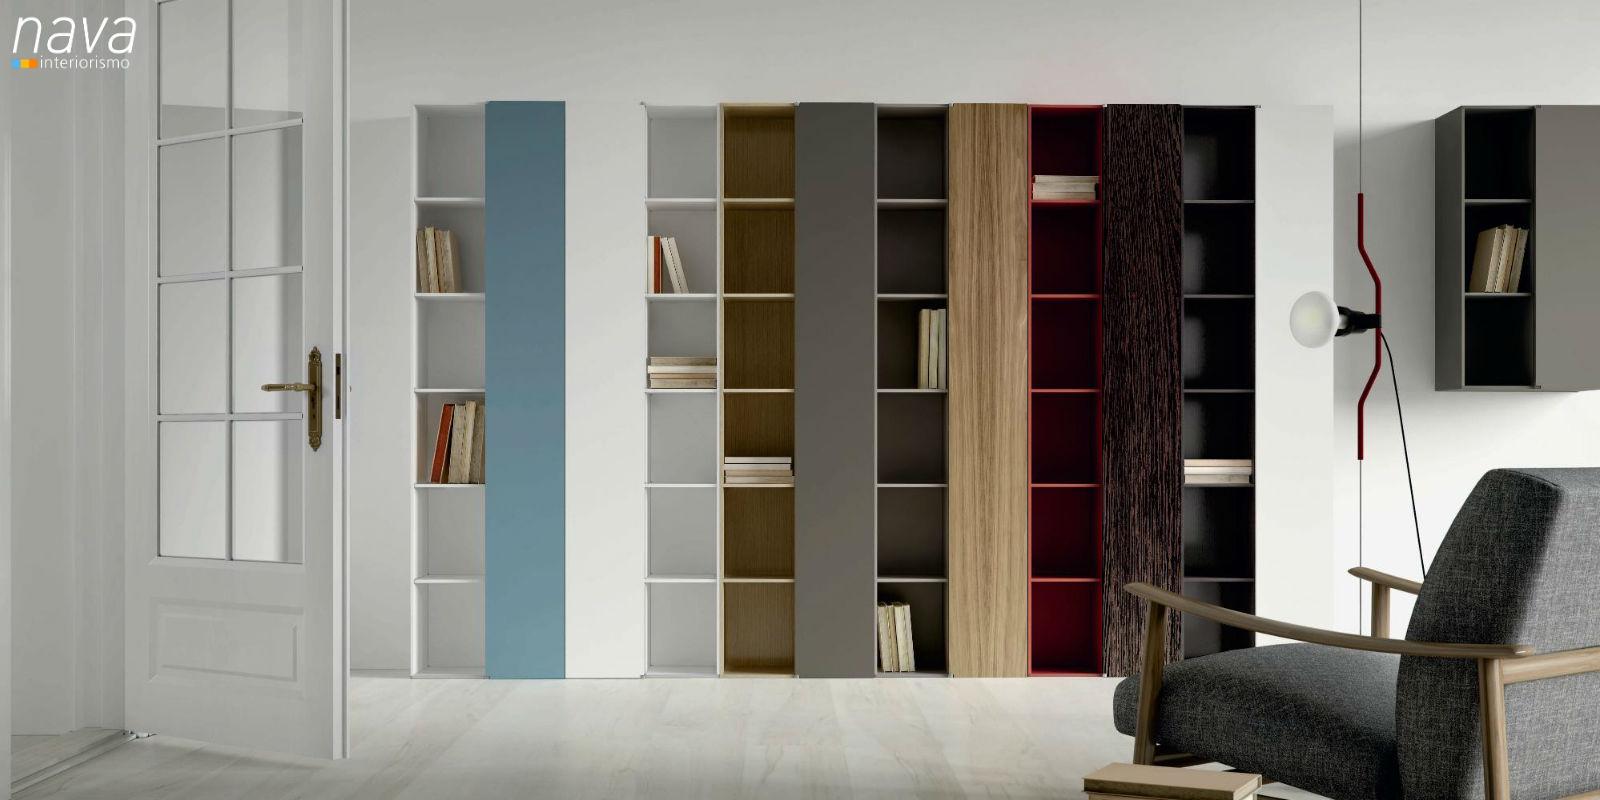 libreria-puerta-batiente-180º